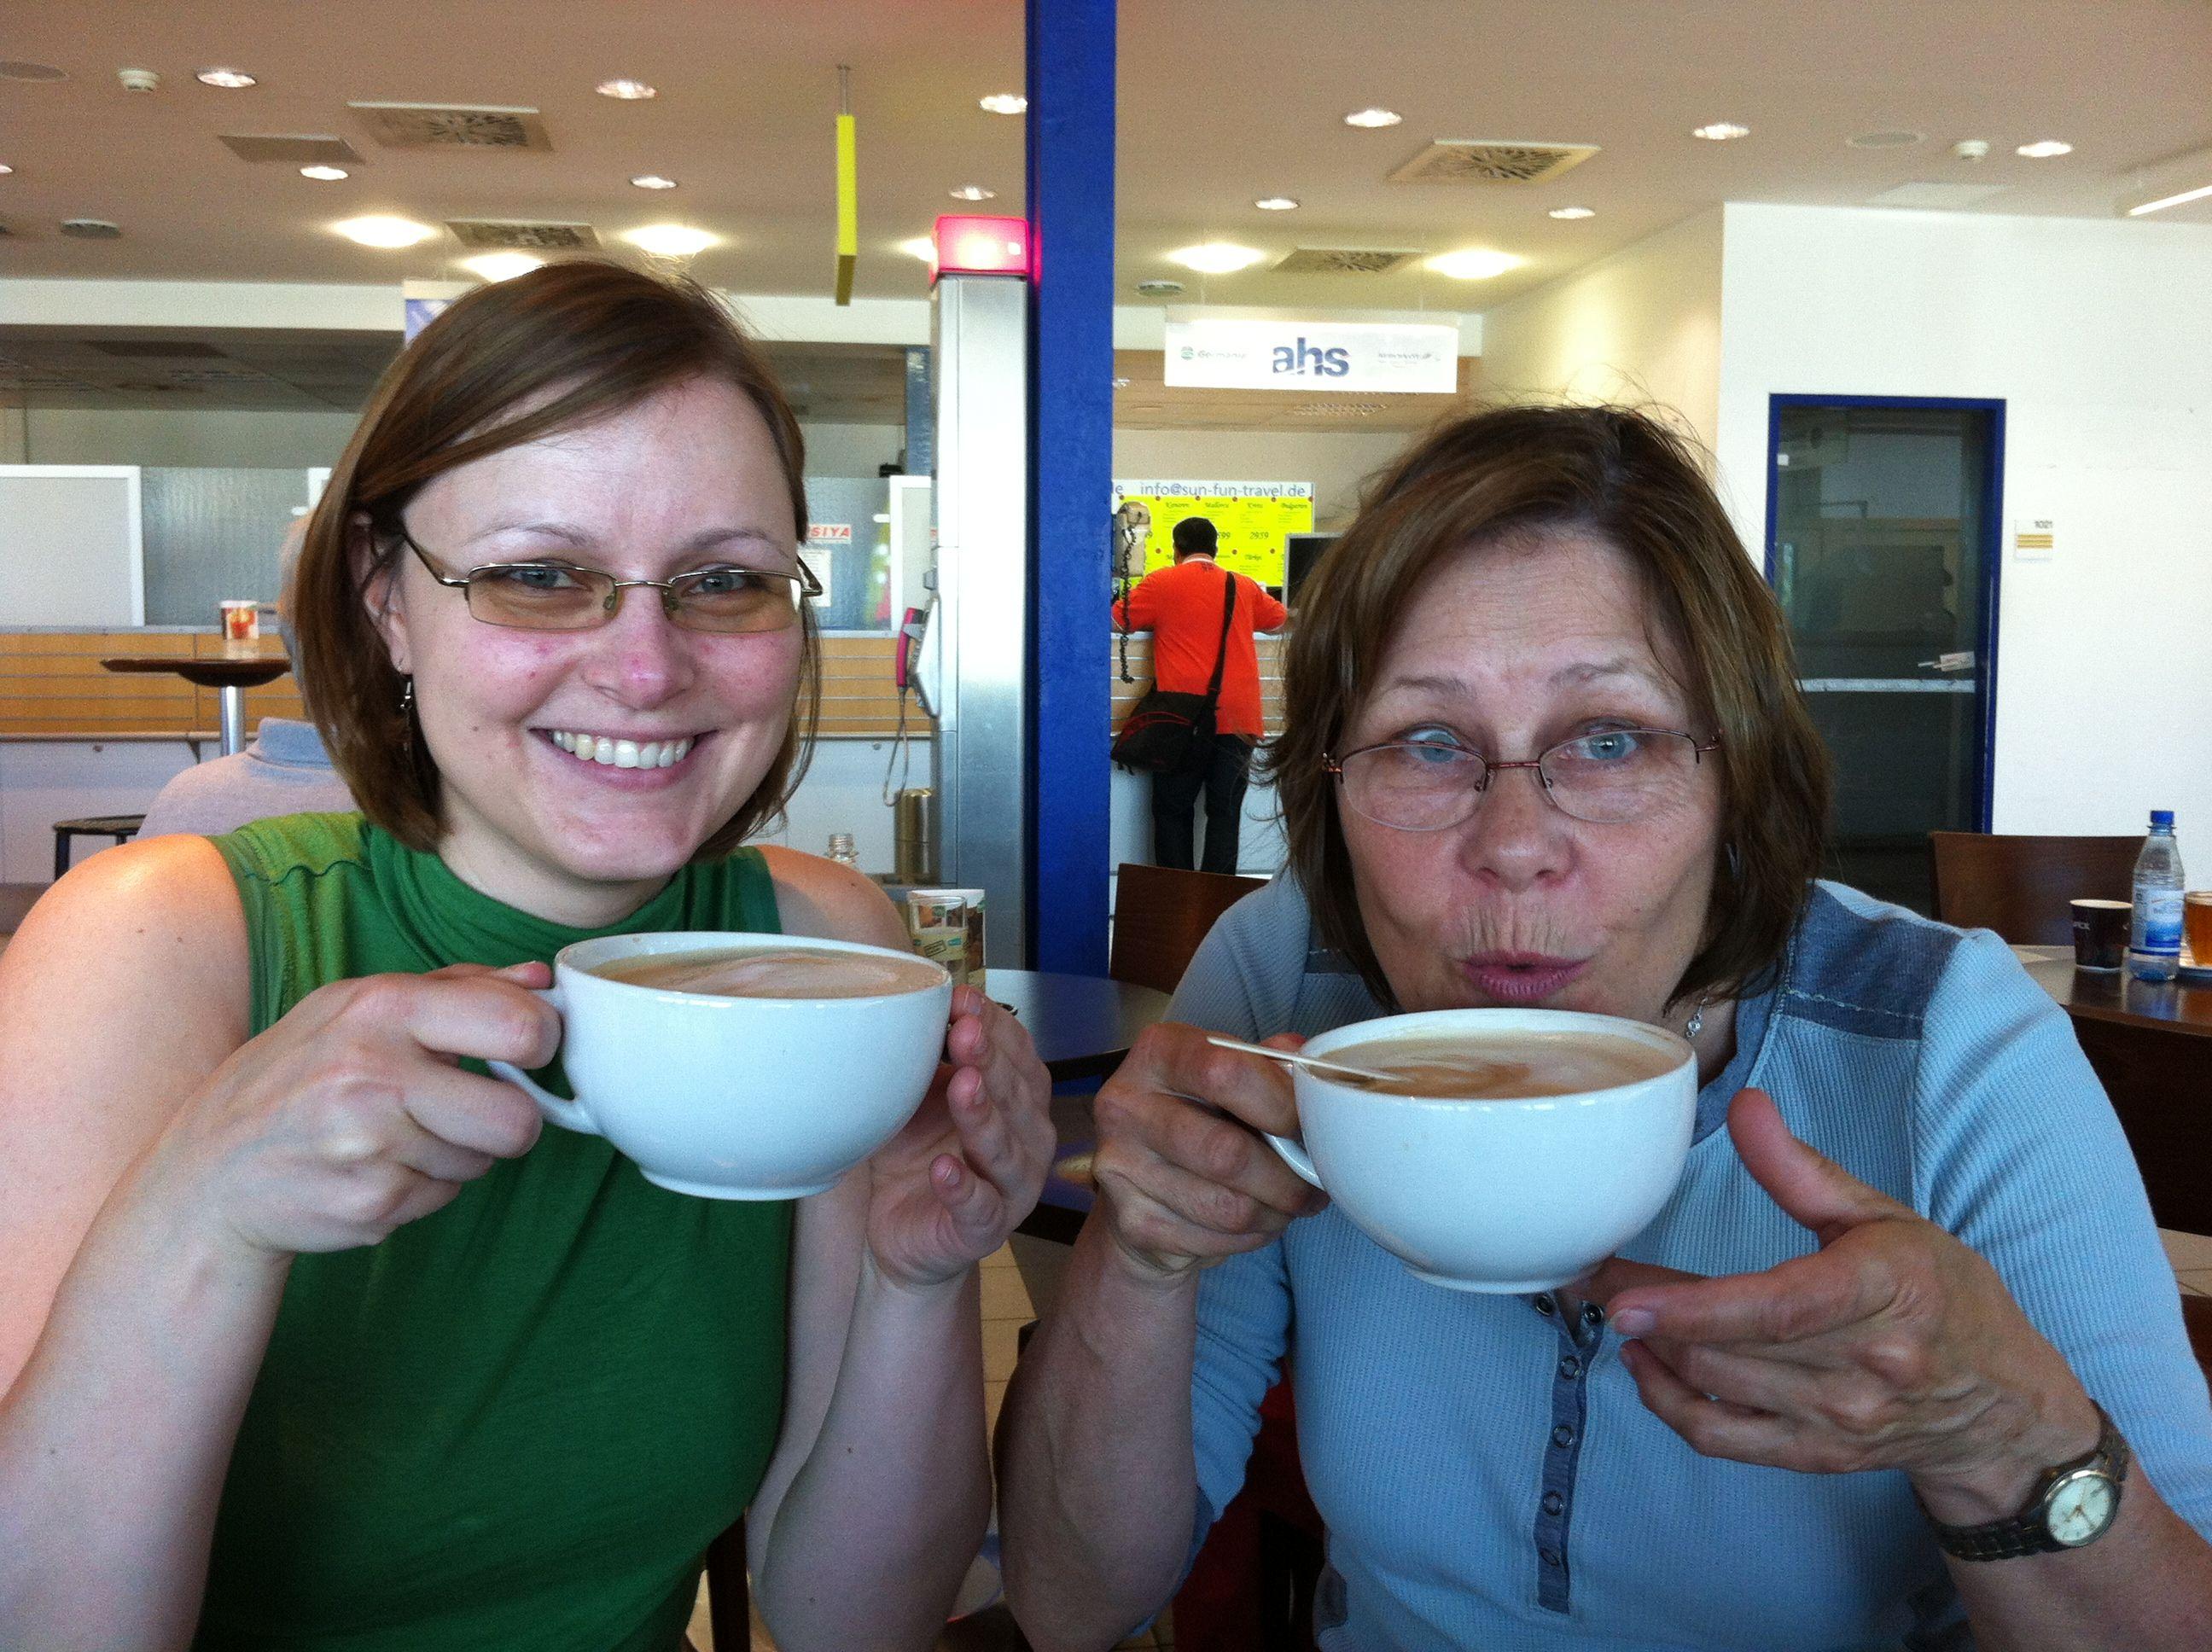 22.05.2014 caffee aux lait and waiting to check in / Milchkaffe während wir auf den Check in warten